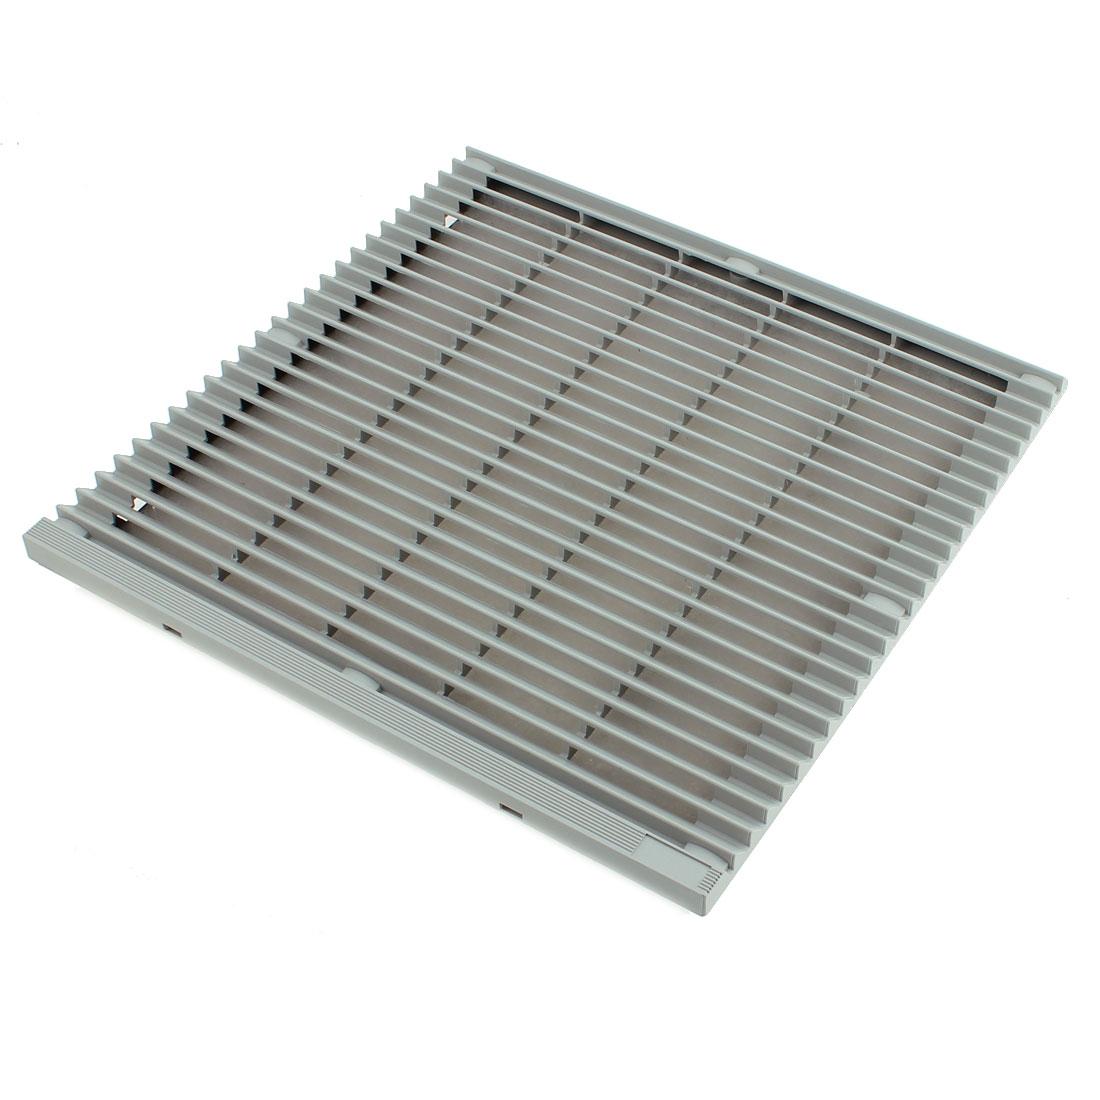 320mm x 320mm Plastic Cabinet Washable Axial Flow Fan Foam Dust Filter w seal ring